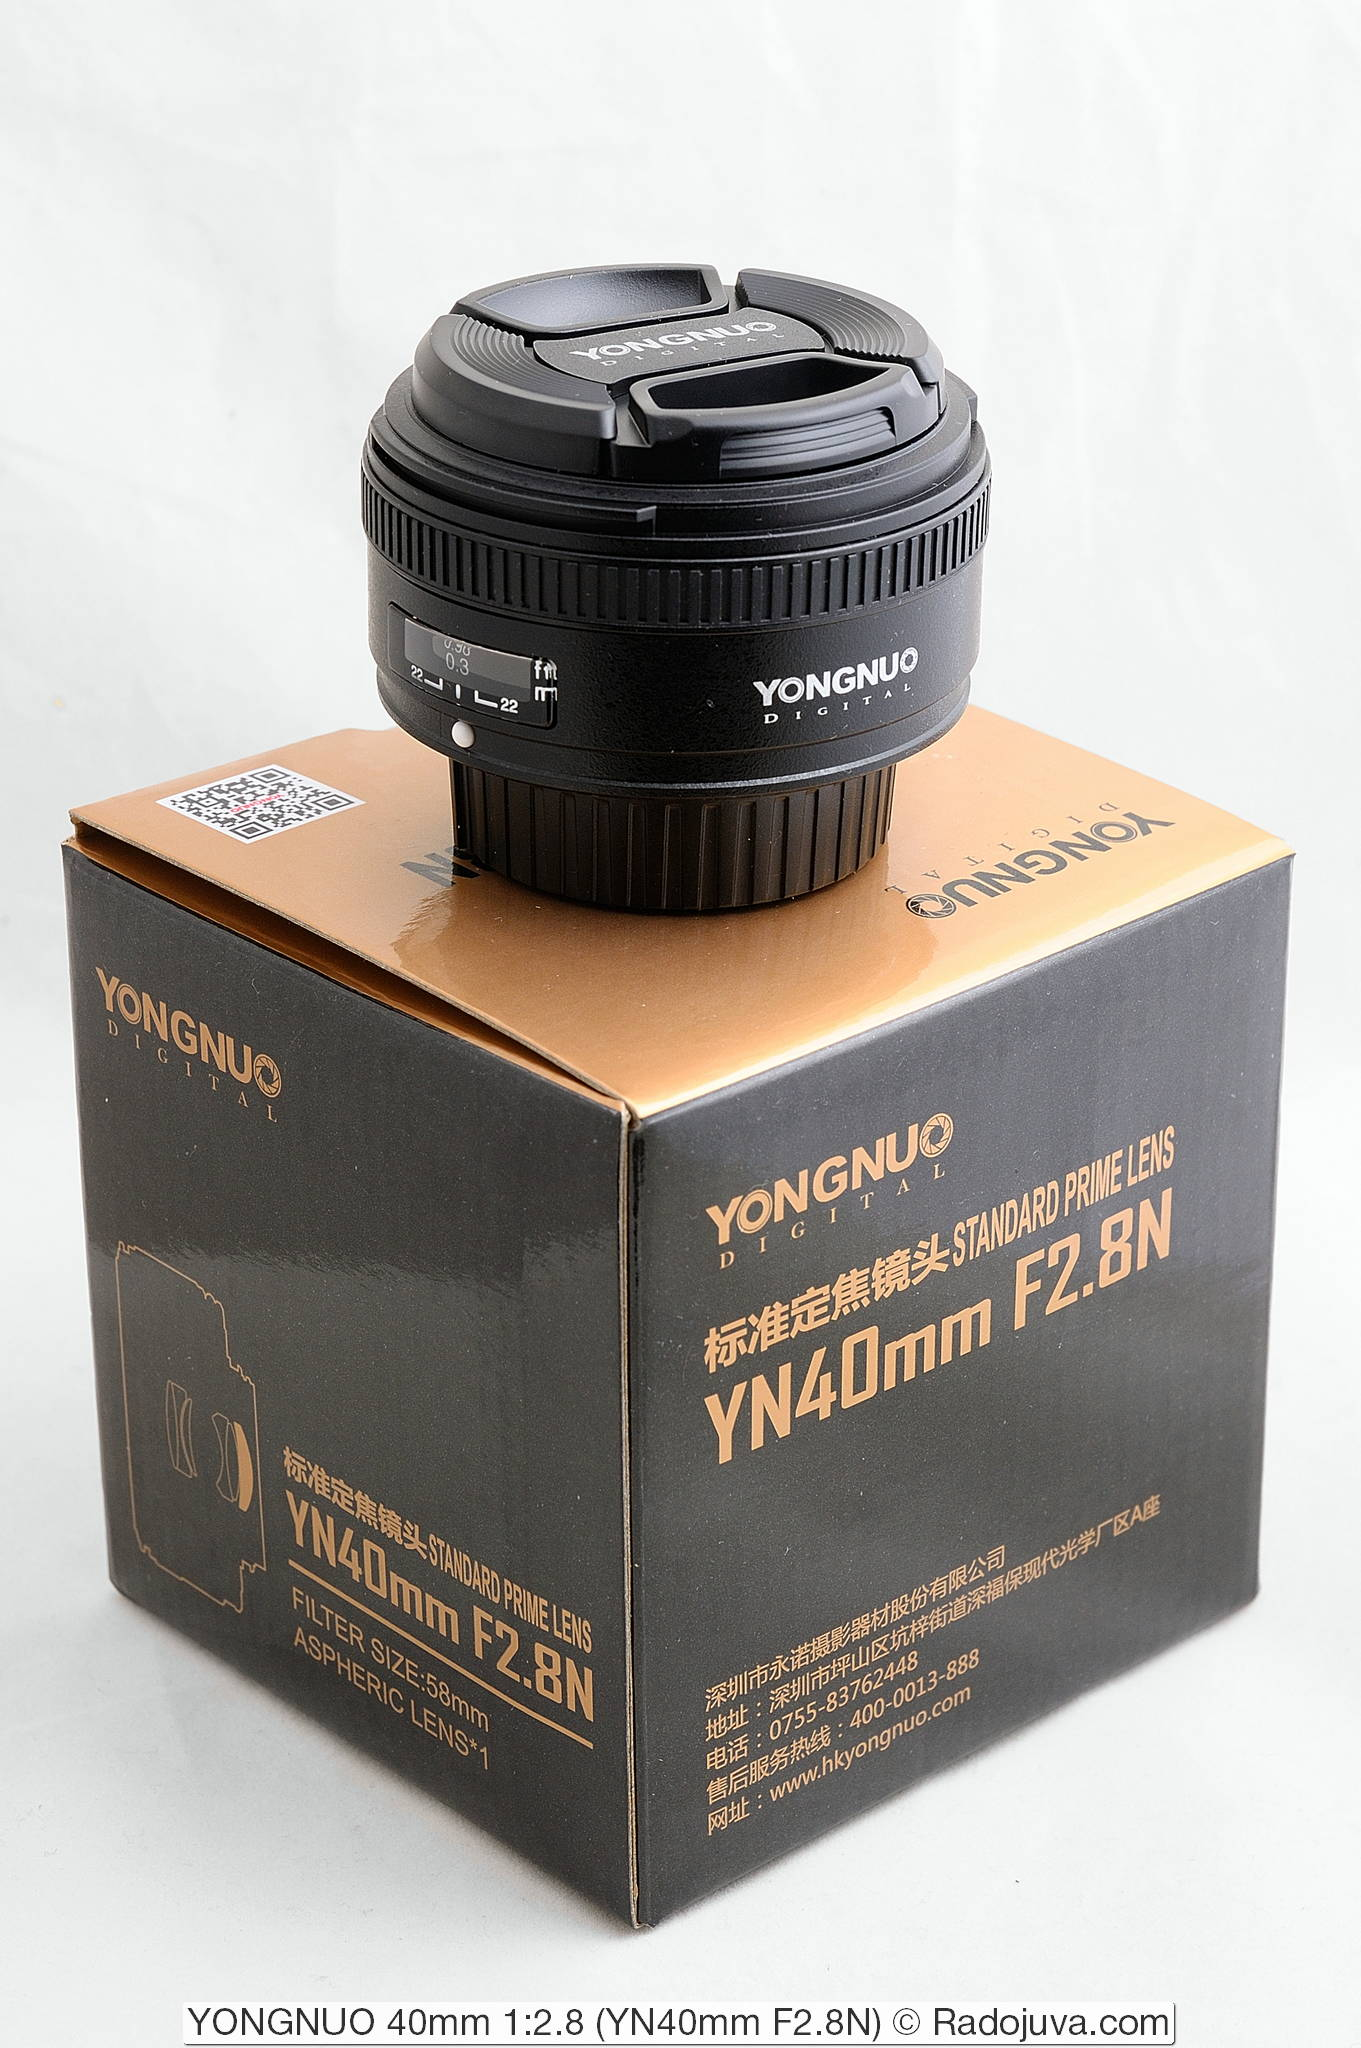 YONGNUO 40mm 1:2.8 (YN40mm F2.8N)